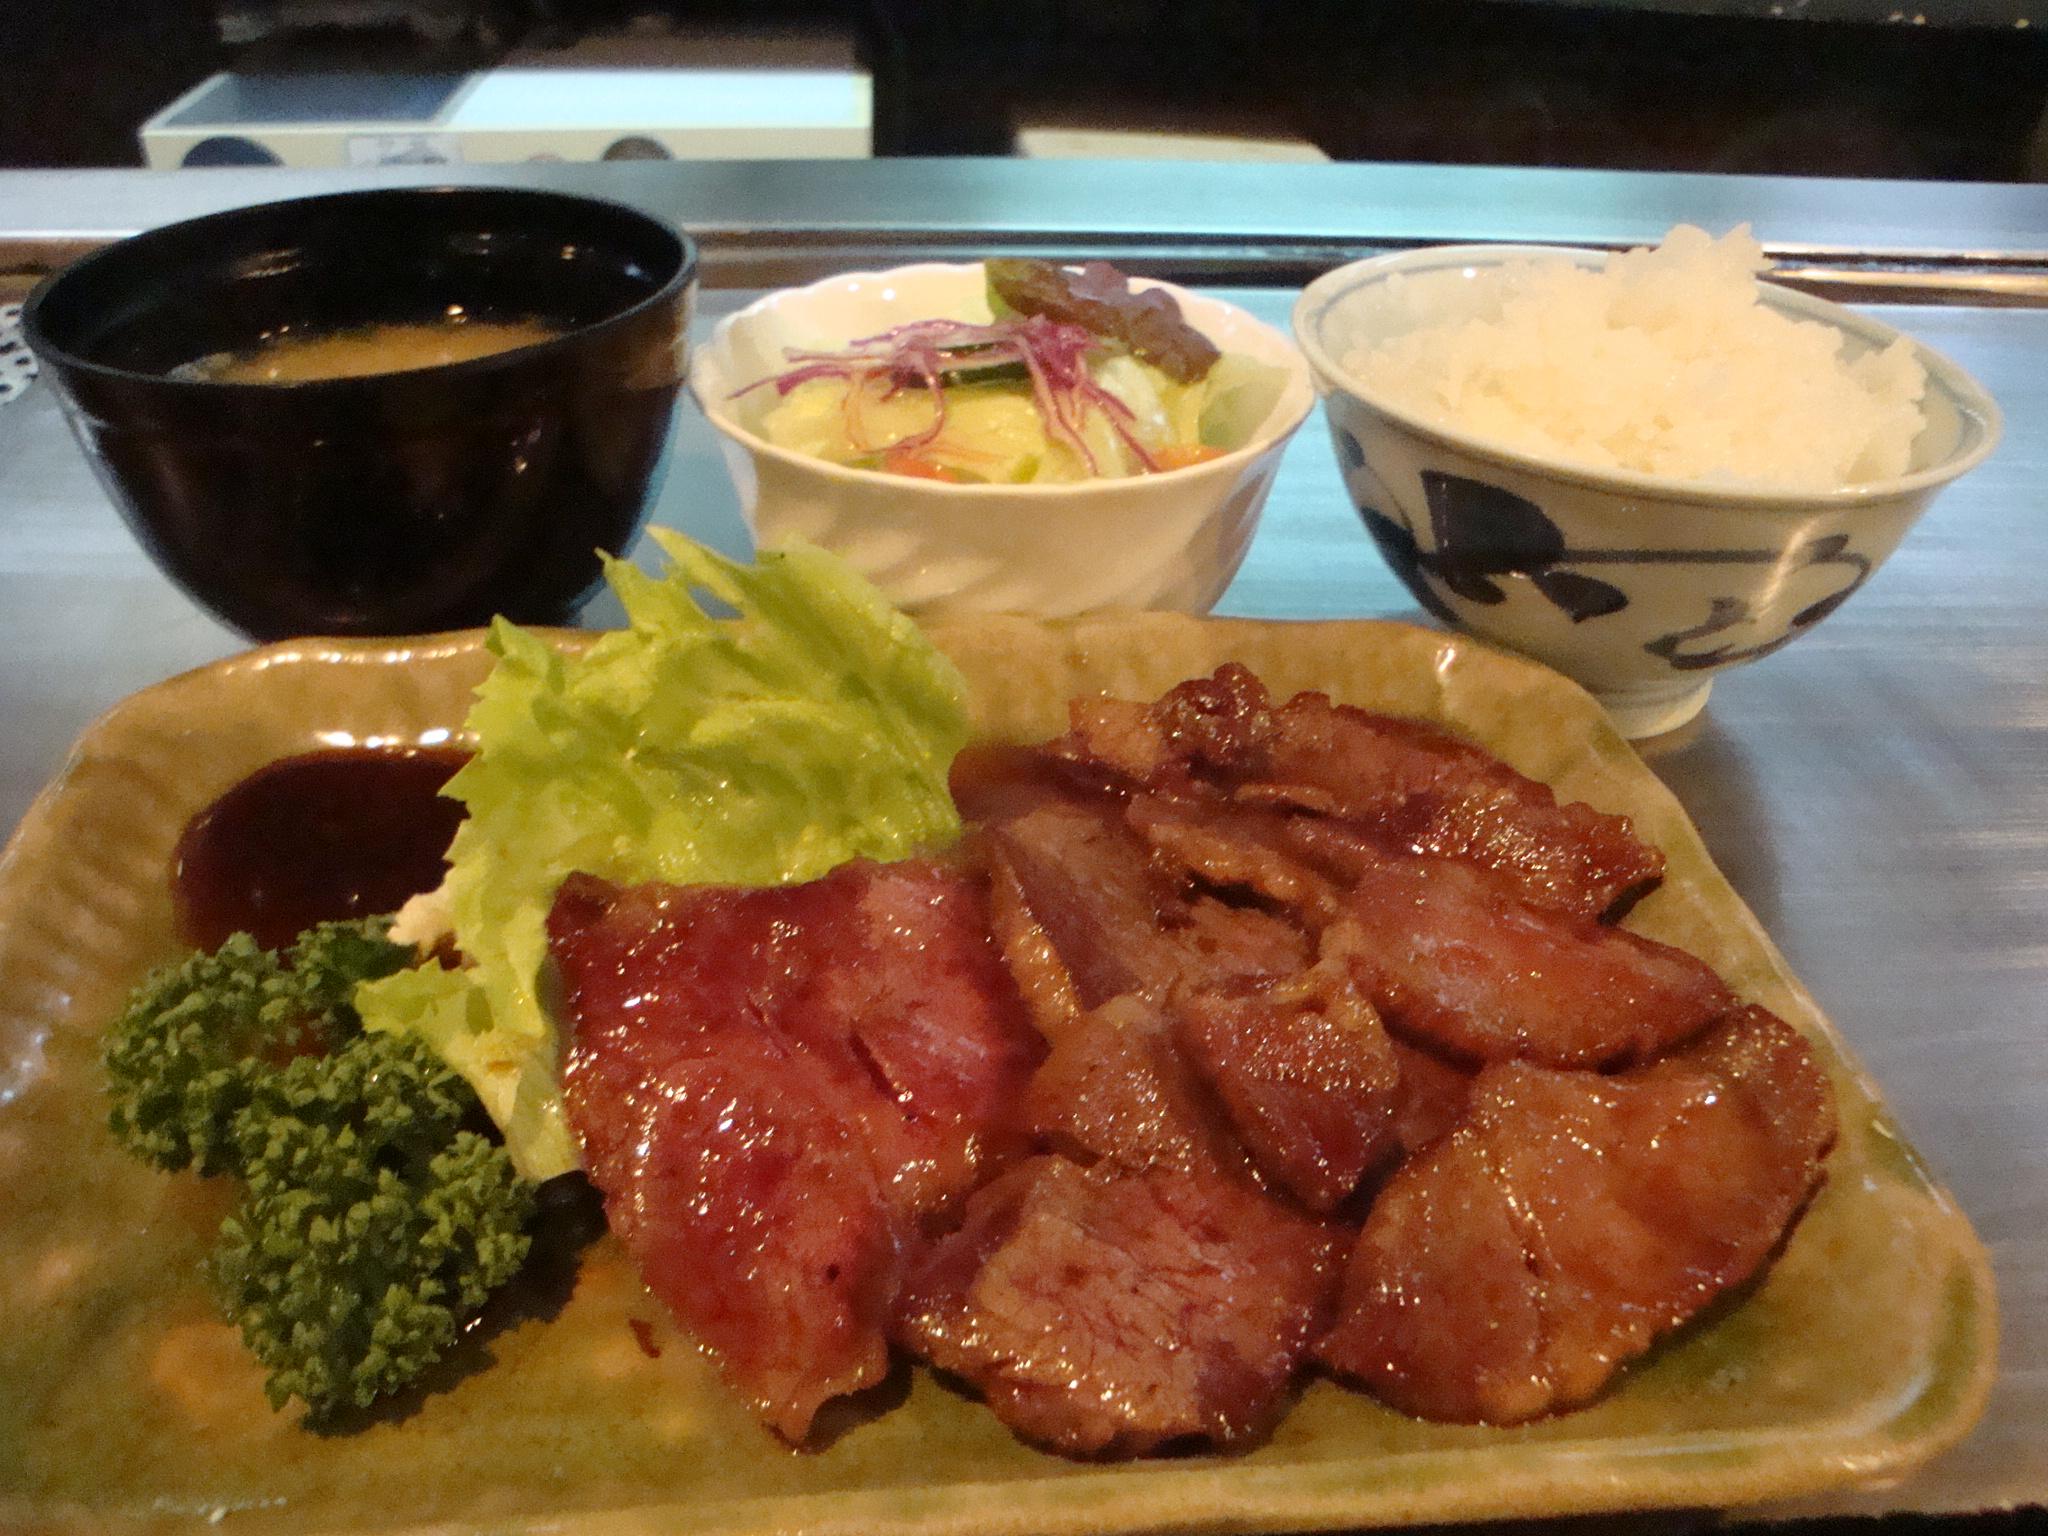 大阪に来たら行きたい!食べたい!ランチで人気のお店はココやねん!のサムネイル画像